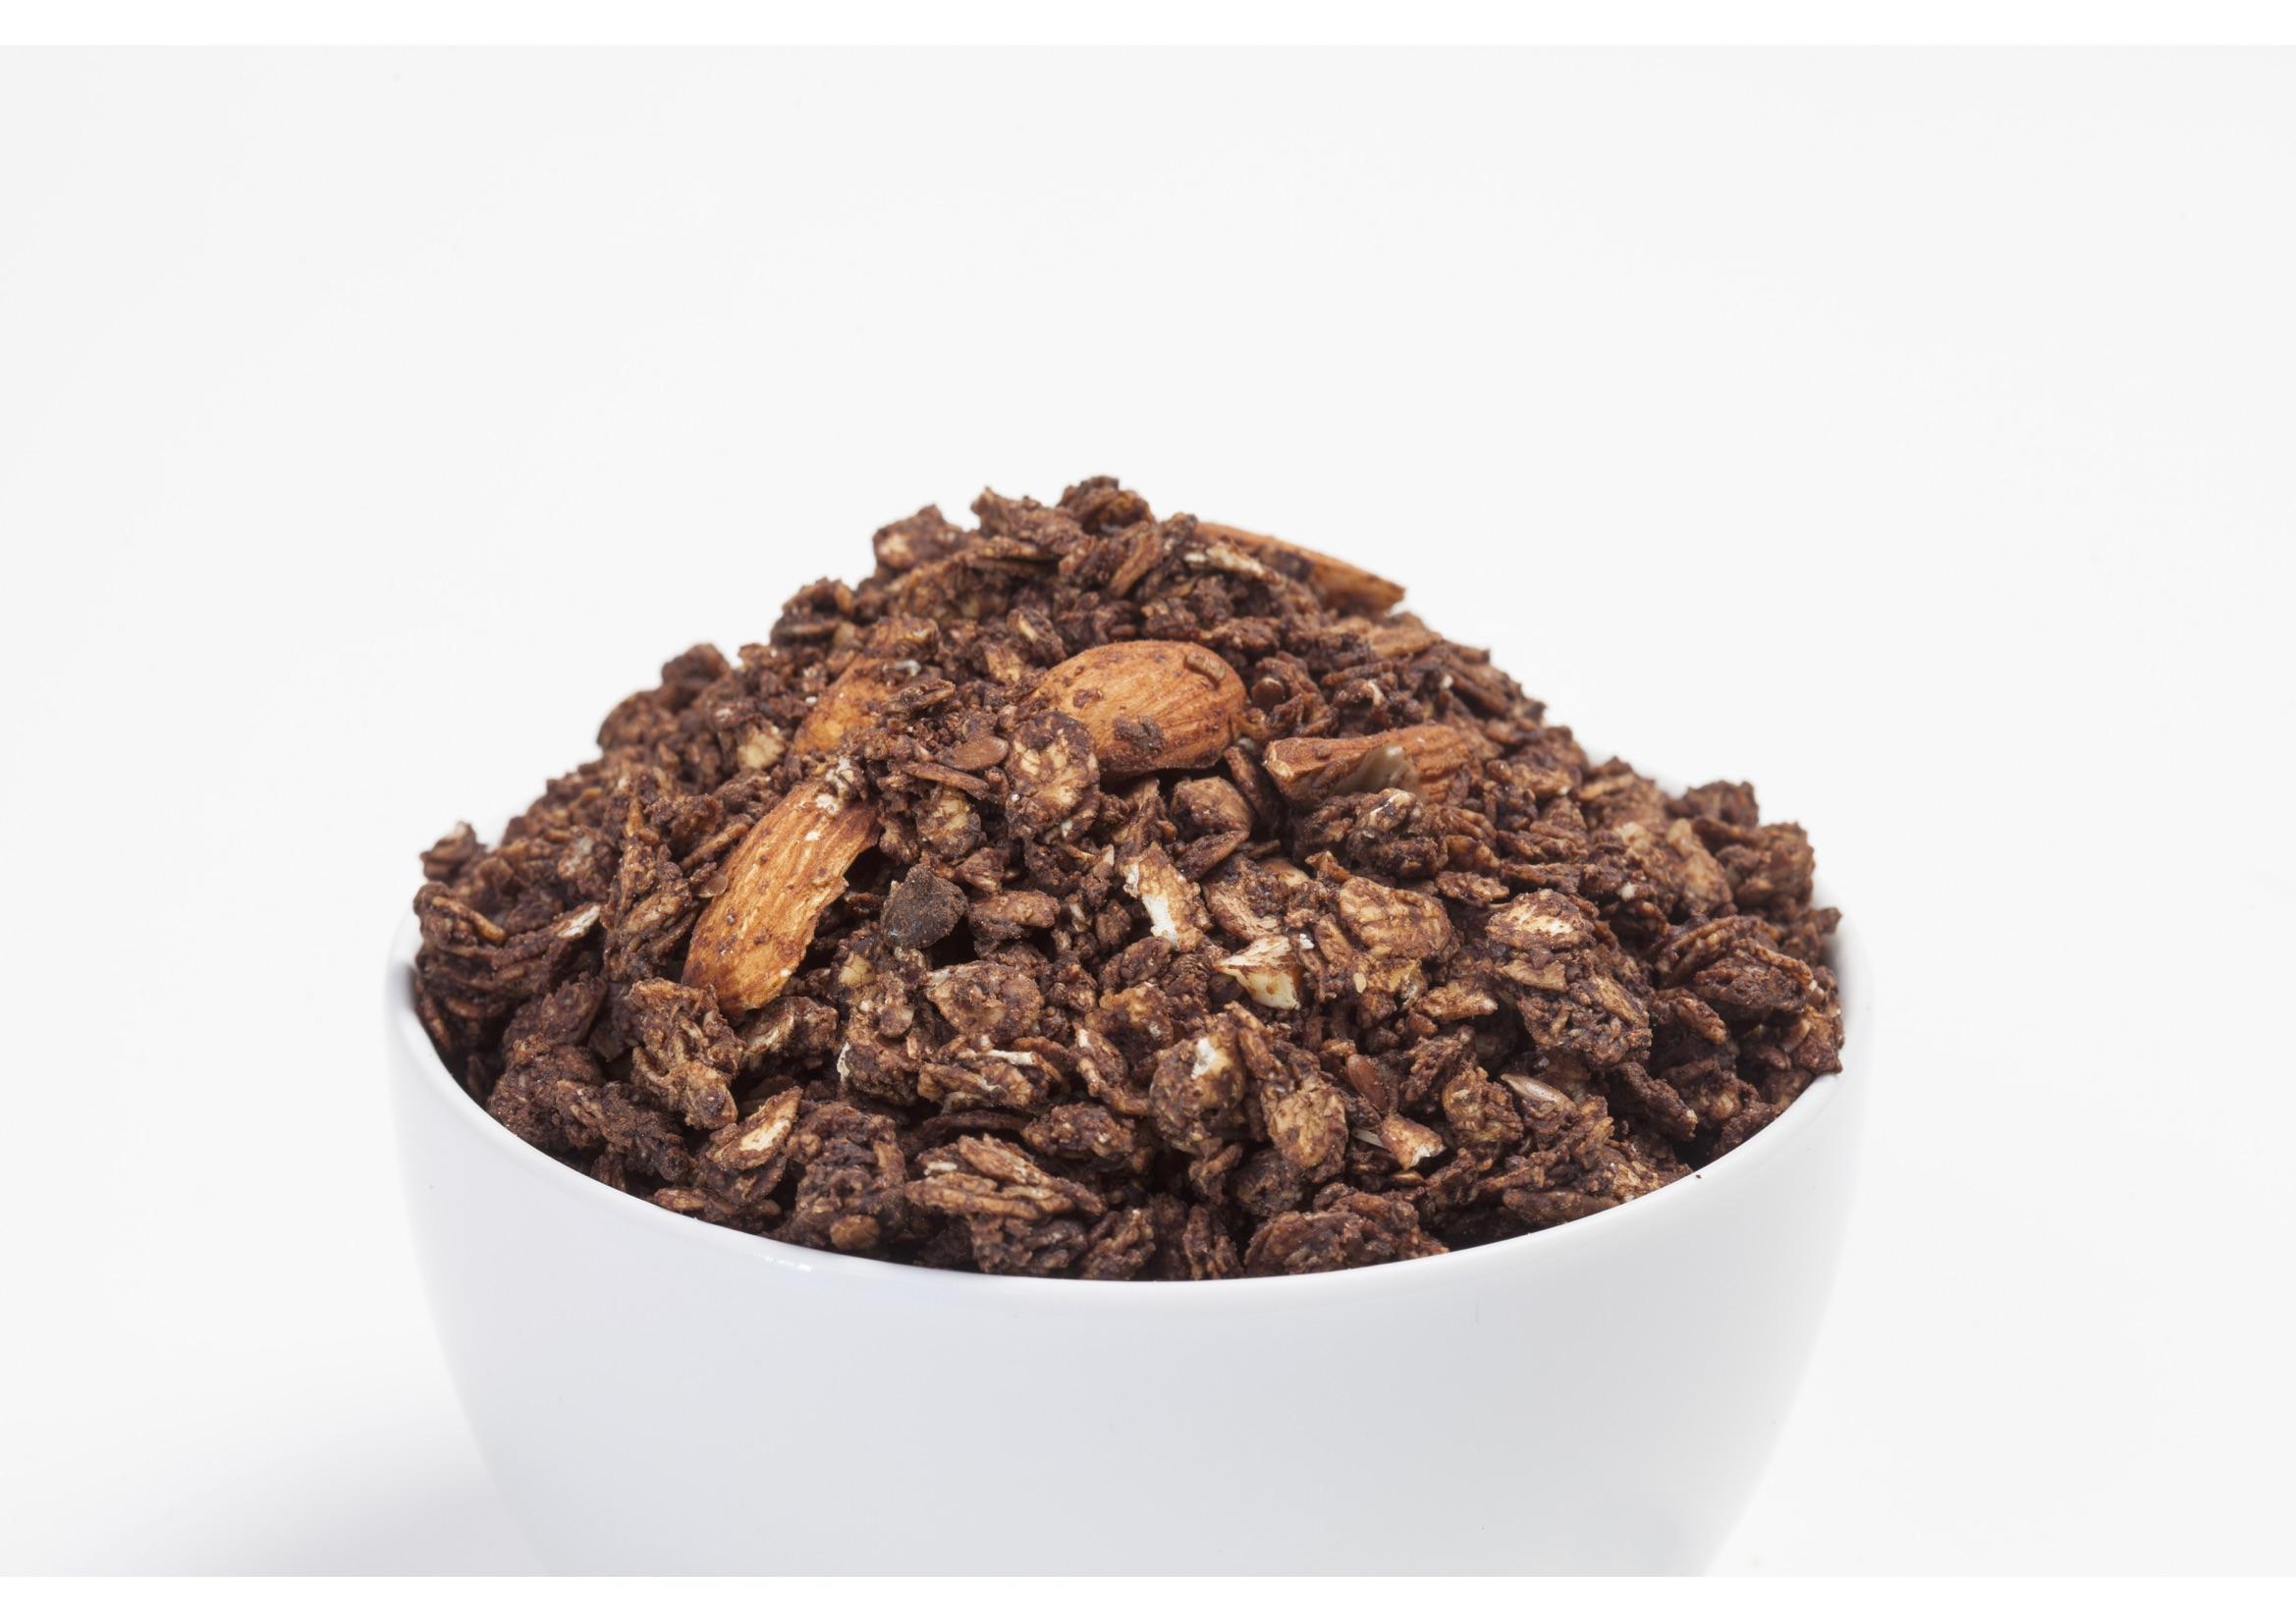 กราโนล่ารสดาร์กช็อกโกแลต 1 กิโลกรัม